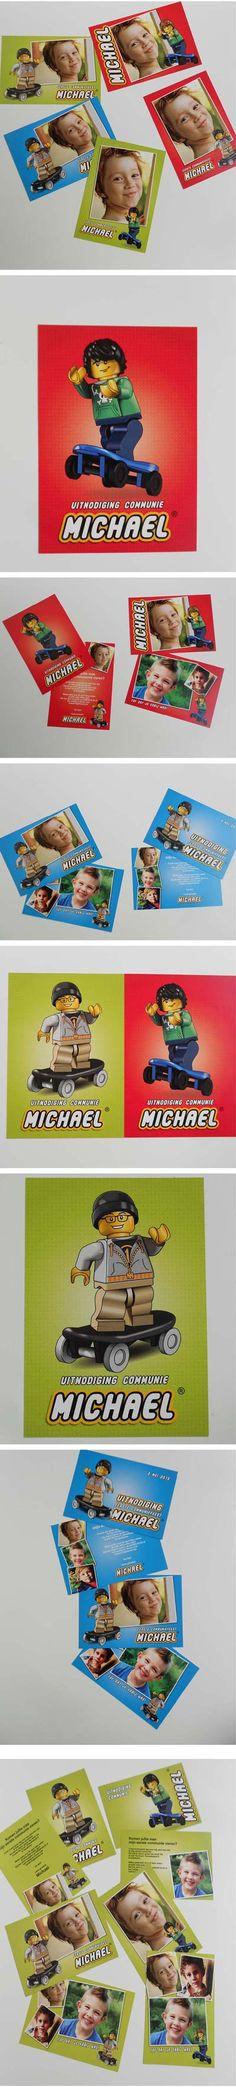 #lego #communiekaarten #skaters. Bezorg foto's en tekst. Wij maken de #communiekaartjes. Proef via e-mail. Na goedkeuring leveren we drukwerk.  http://www.kaartencollectie.be/nl/communiekaart-lego-skaters-1048.htm